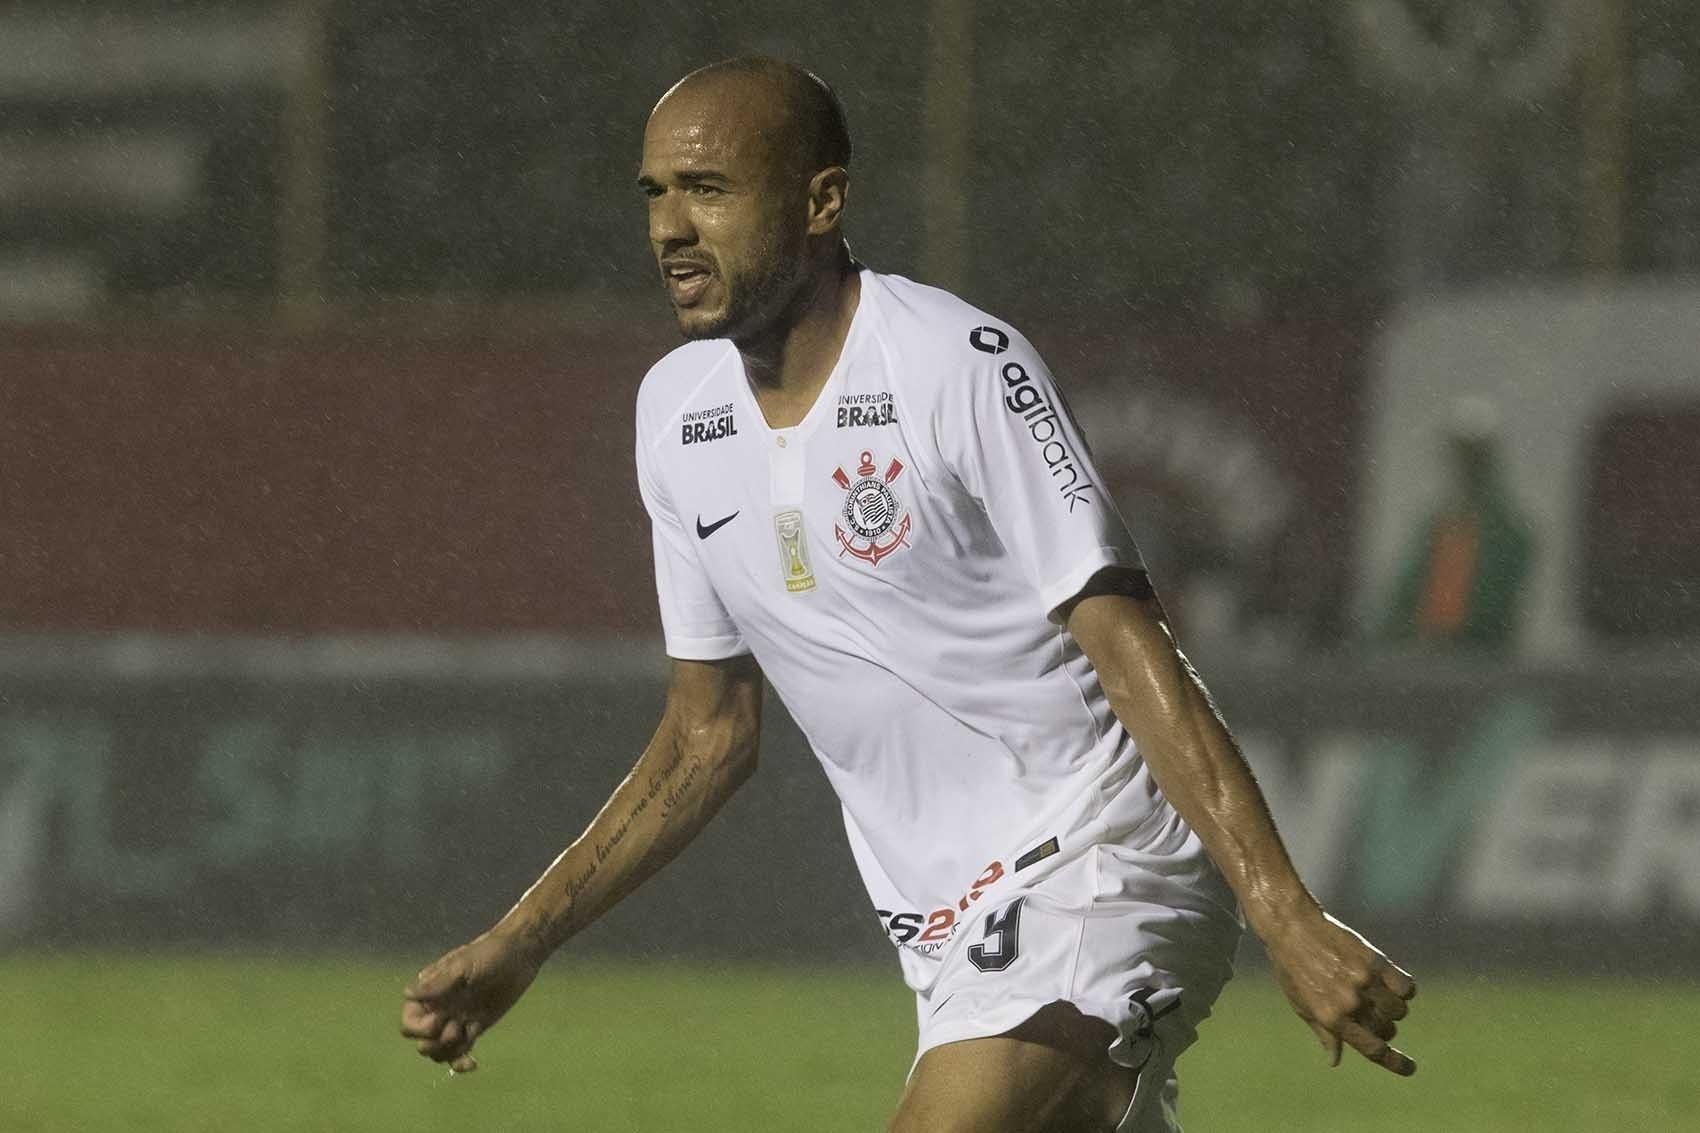 Roger comemora gol marcado pelo Corinthians contra o Vitória